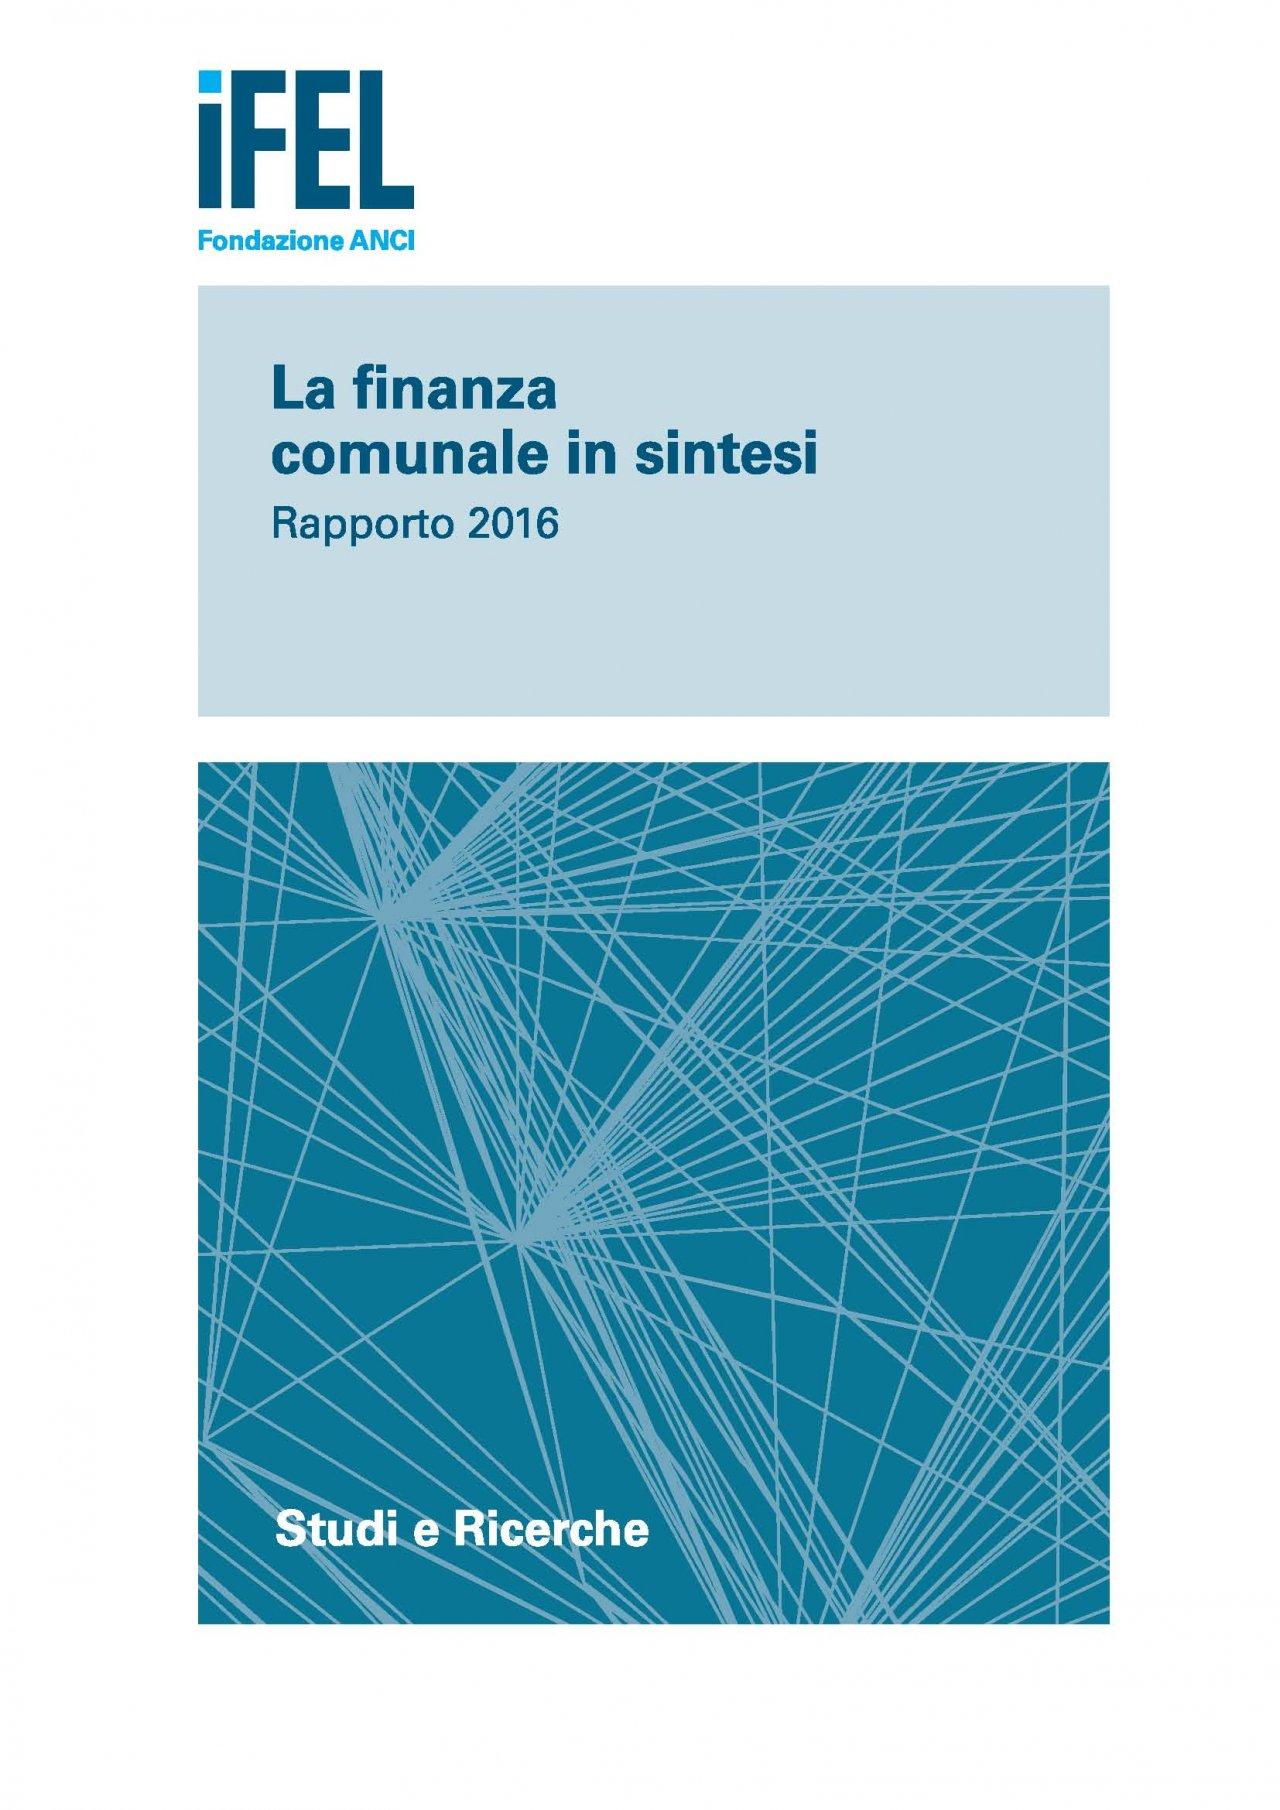 La finanza comunale in sintesi - Rapporto 2016